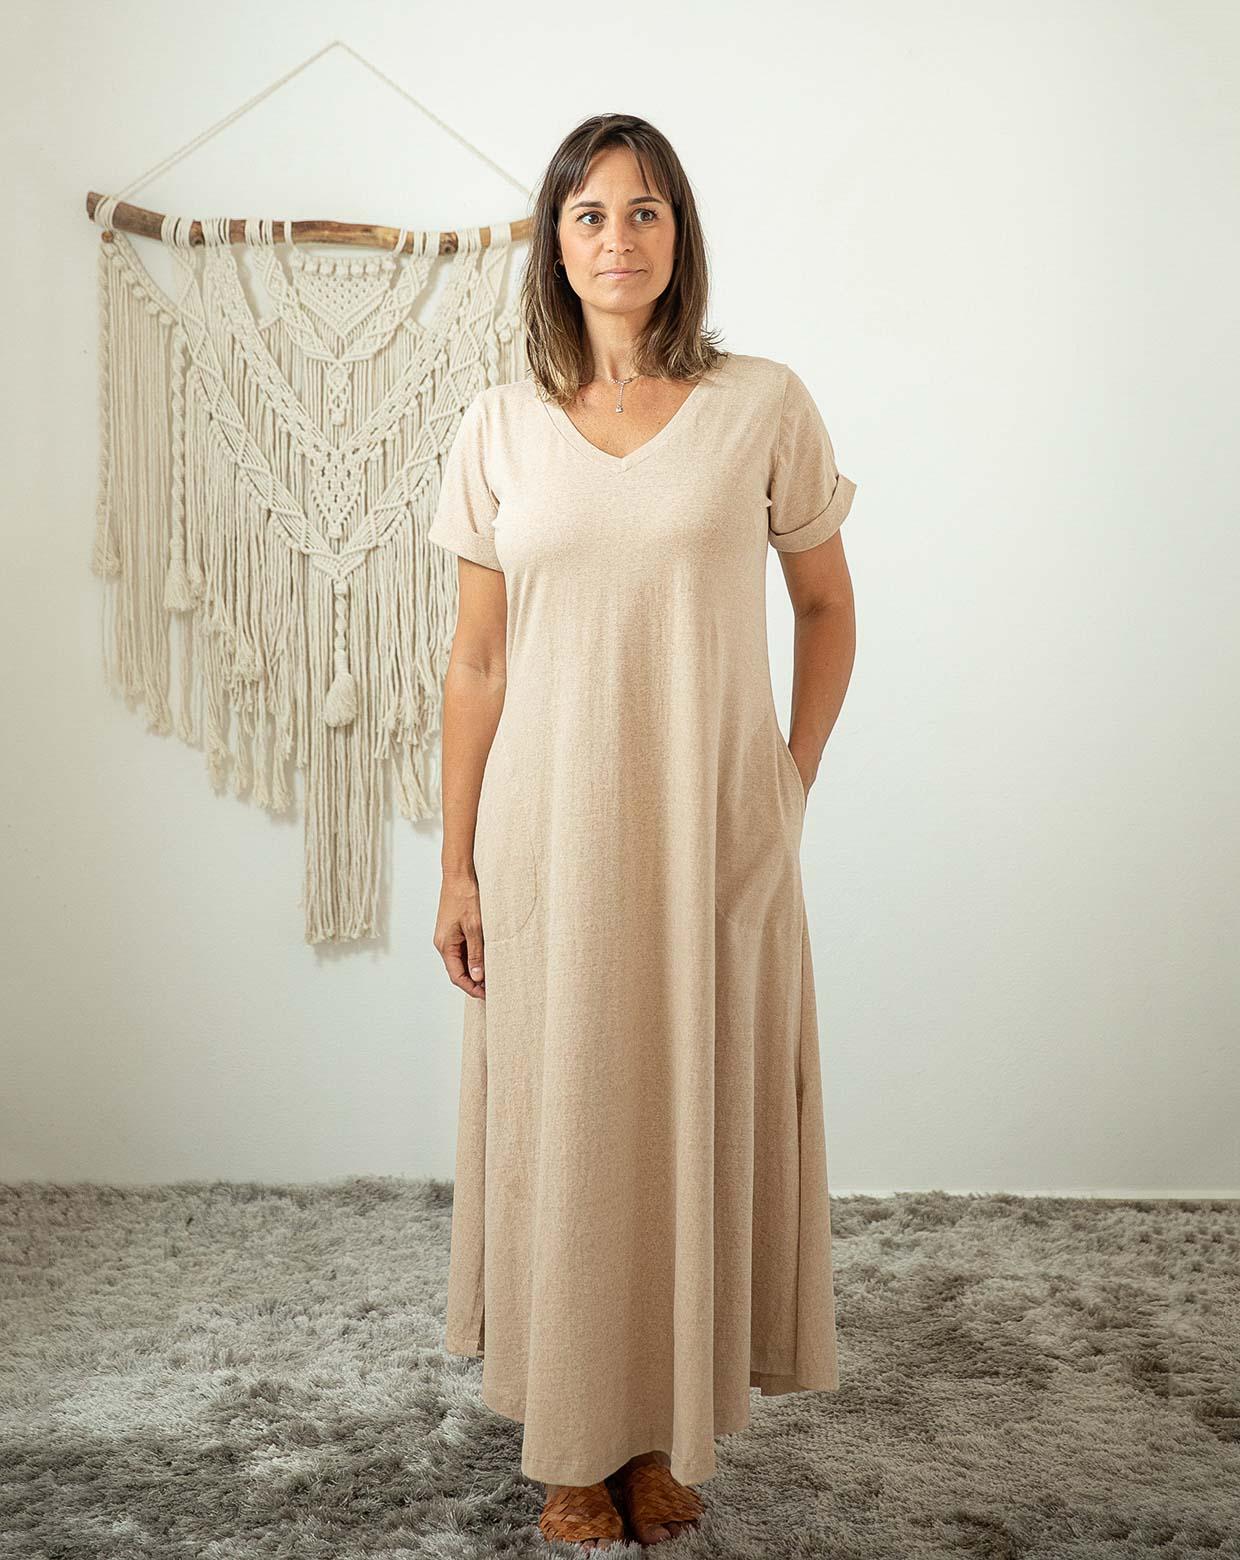 Vestido Carmem Mescla - Algodão Orgânico Colorido Natural